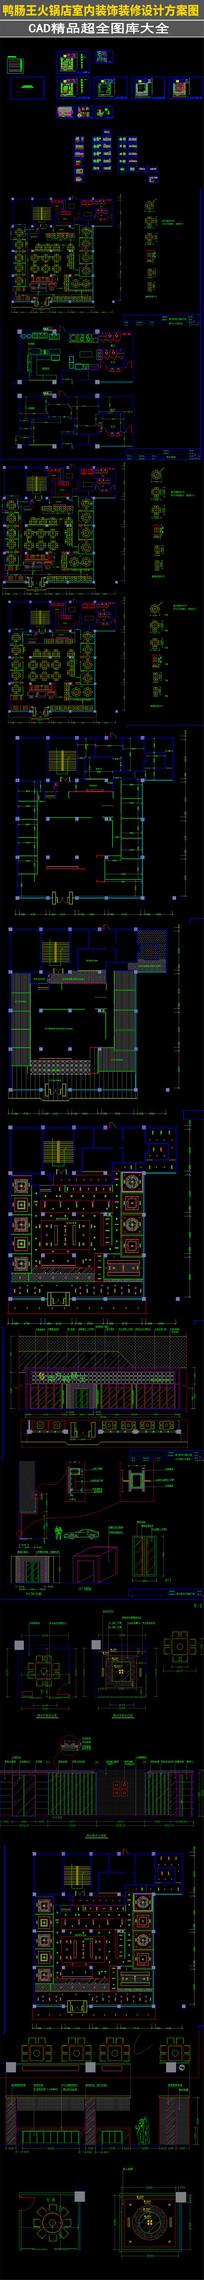 鸭肠王火锅店室内装饰装修设计方案图